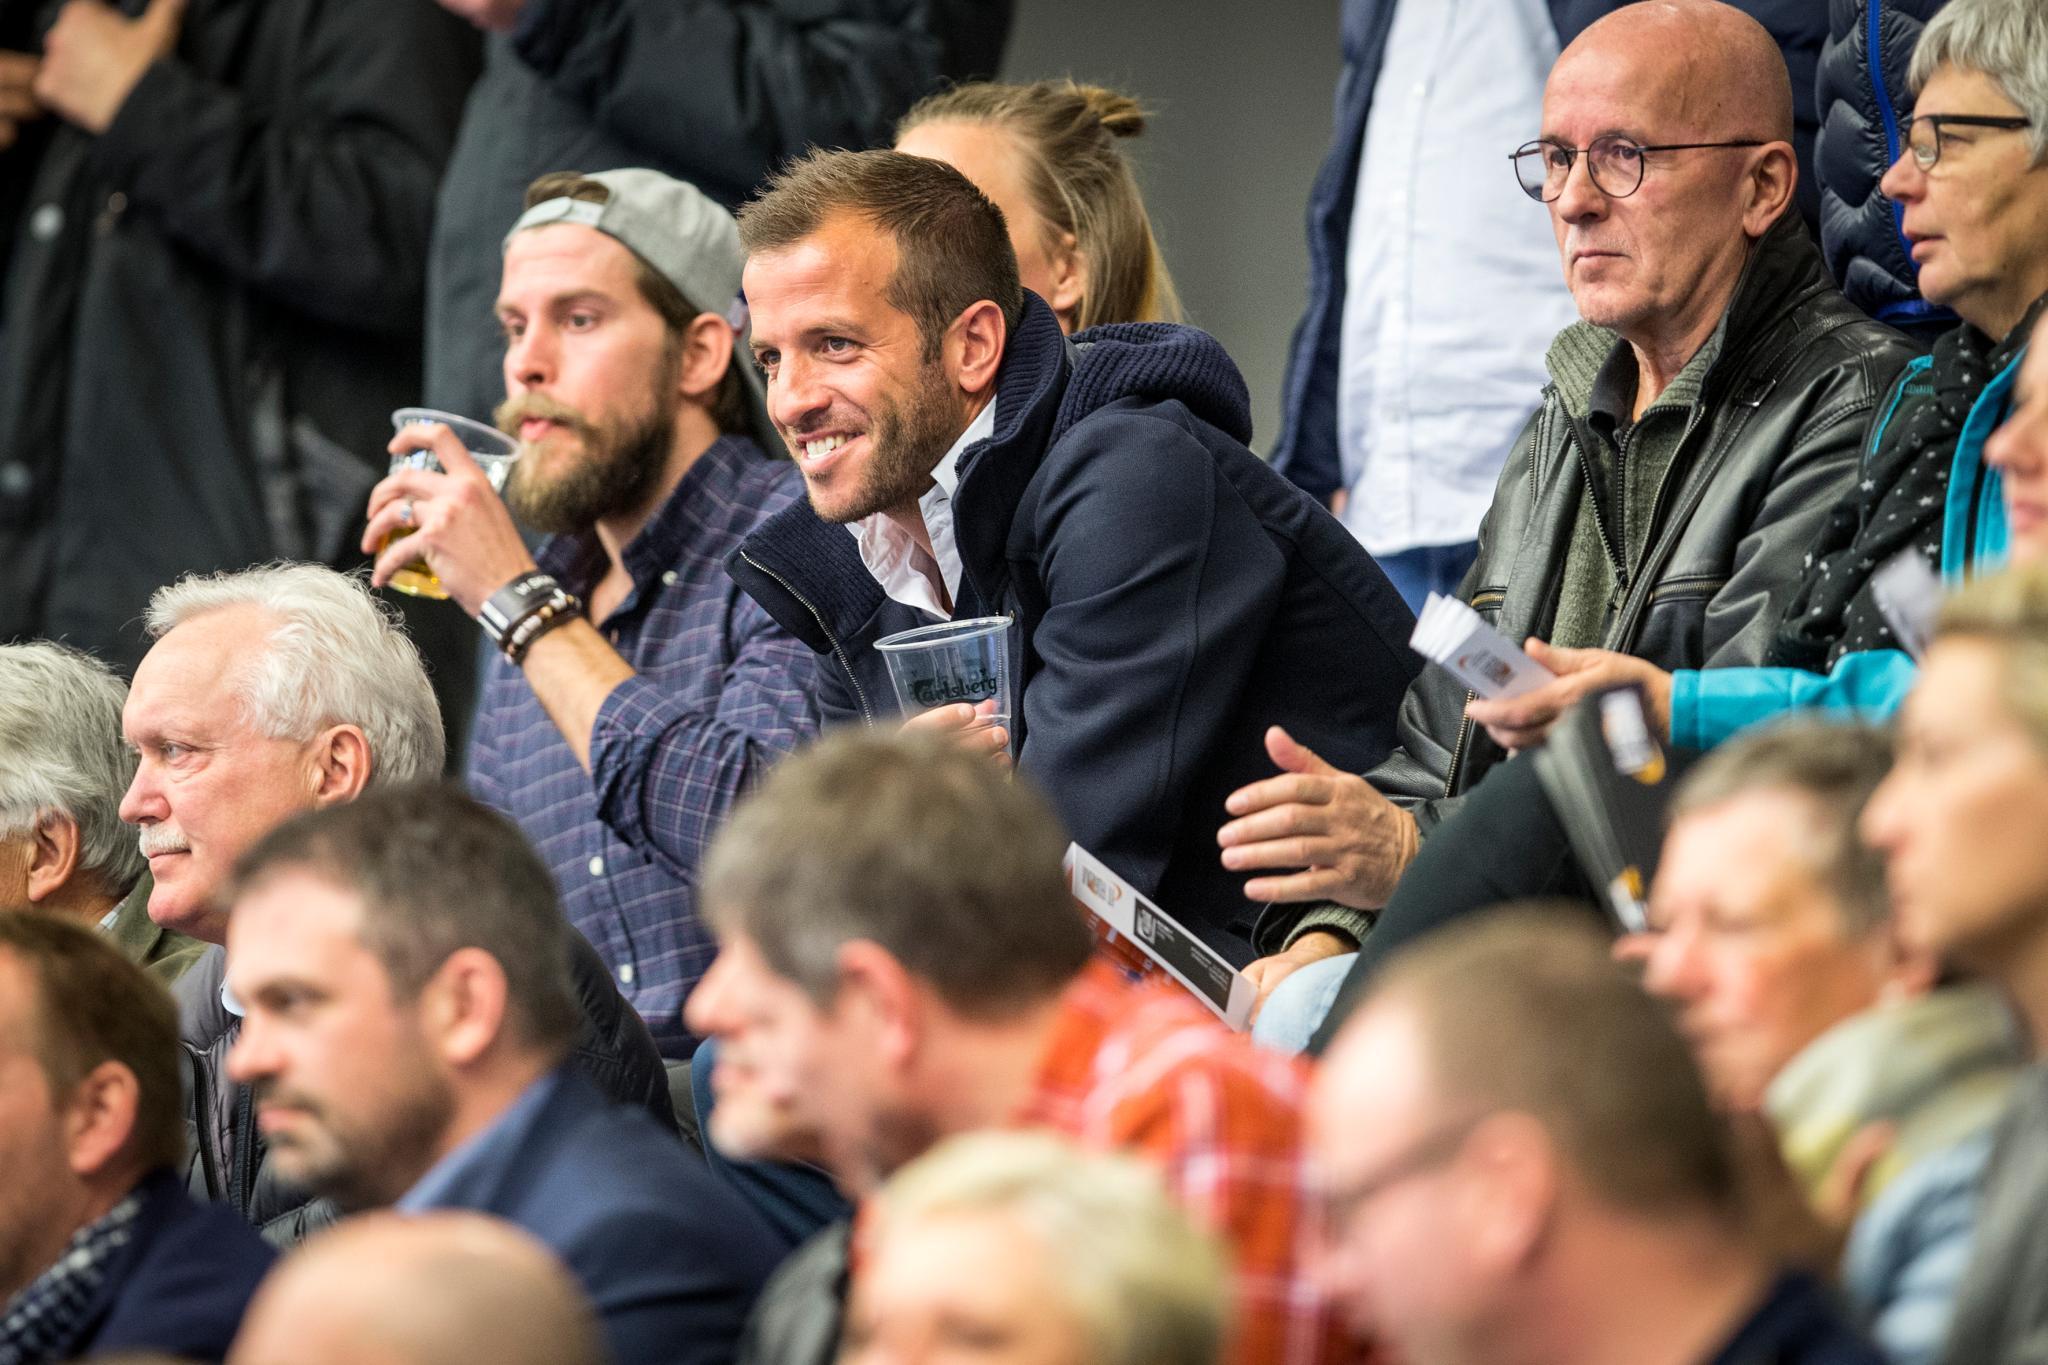 Rafael van der Vaart sitzt beim Spiele Esbjerg gegen Ringkobing Handbold im Publikum und scheint sichtlich stolz auf seine Estavana zu sein